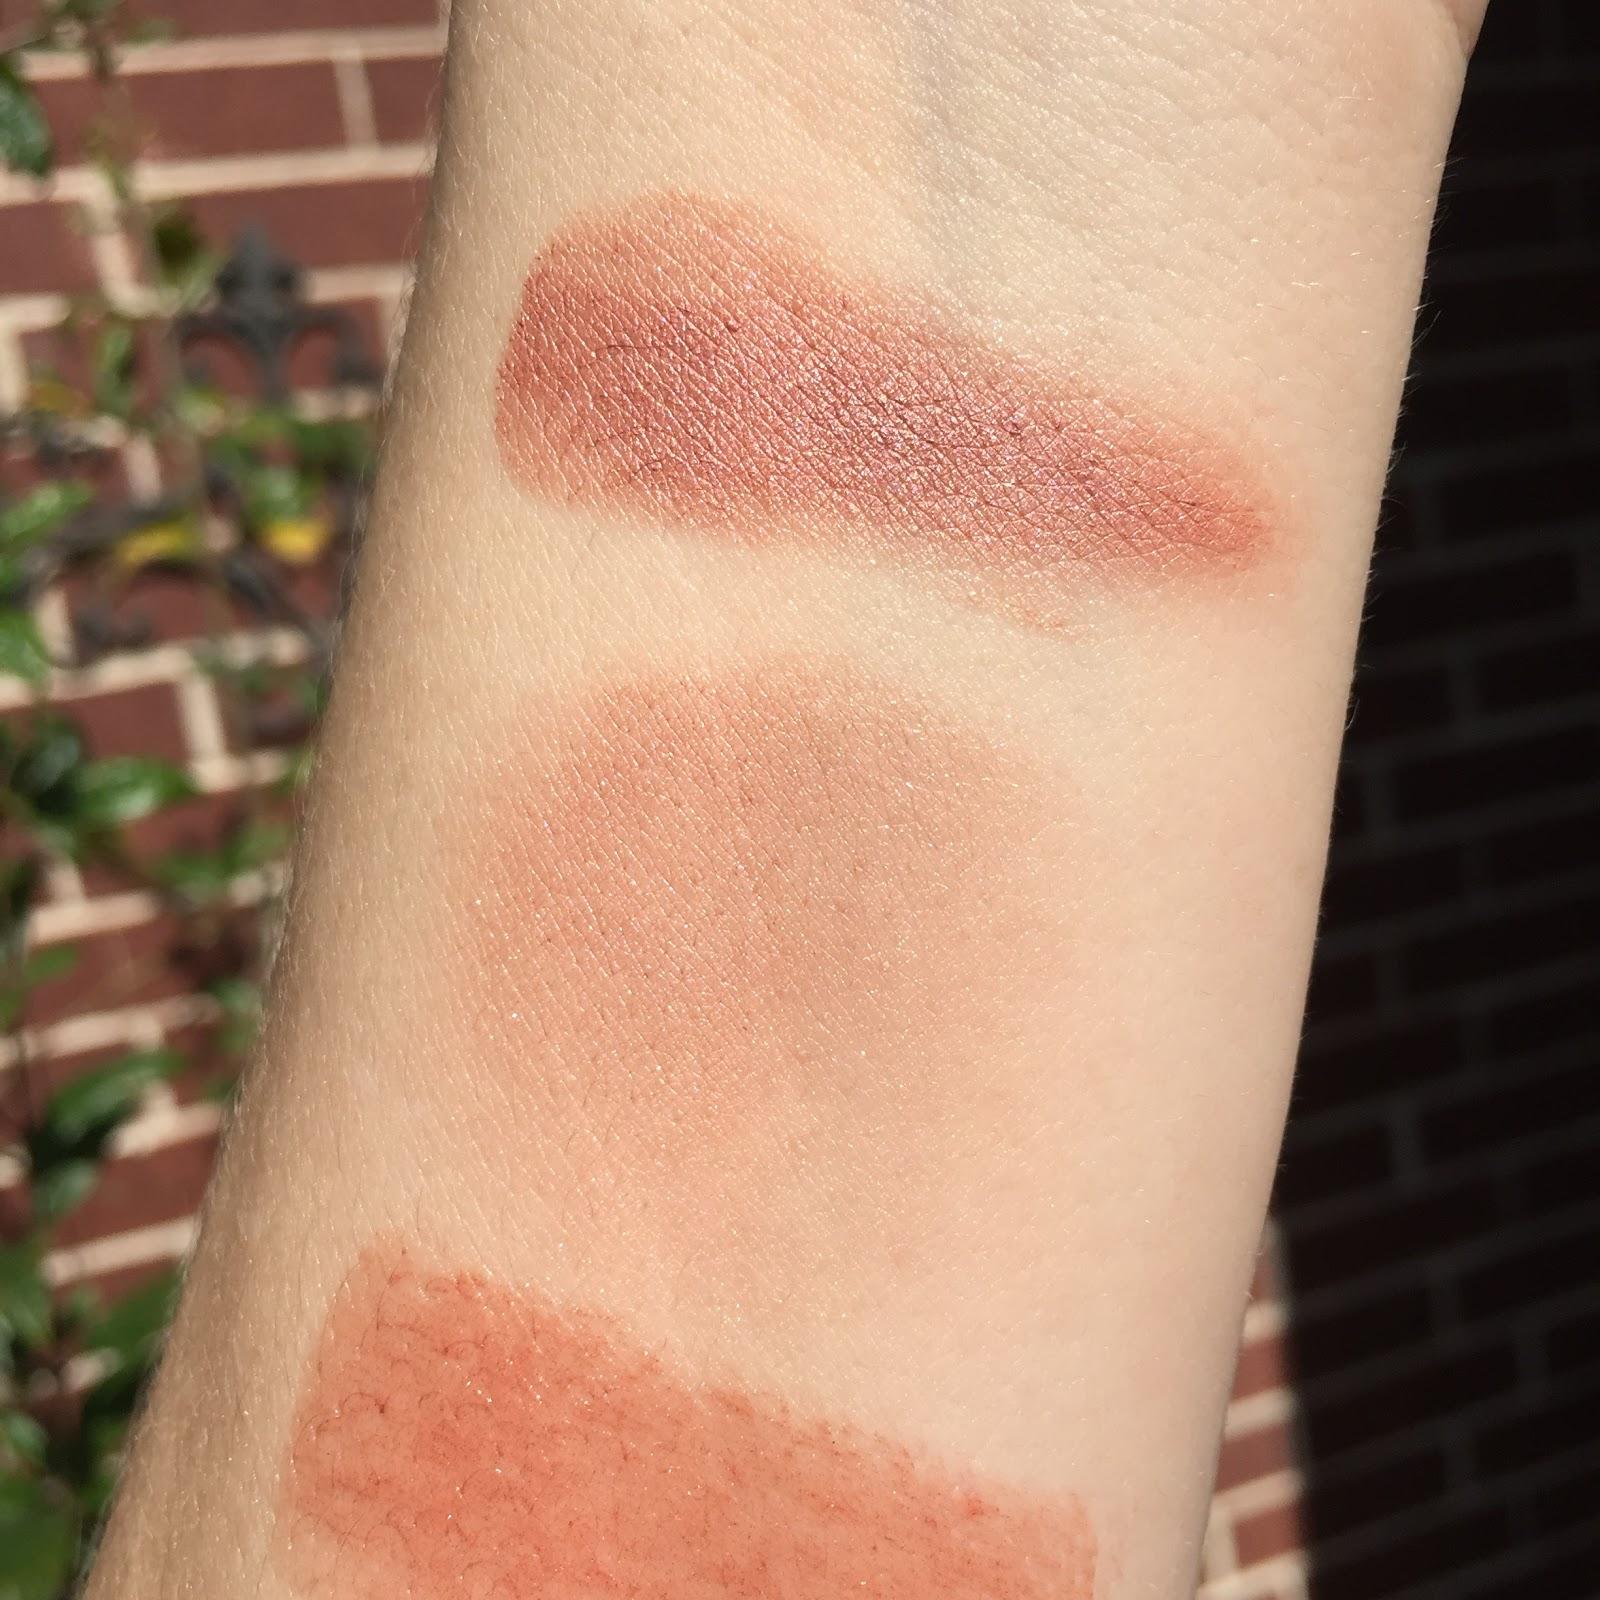 Cream Blush by cle de peau #18